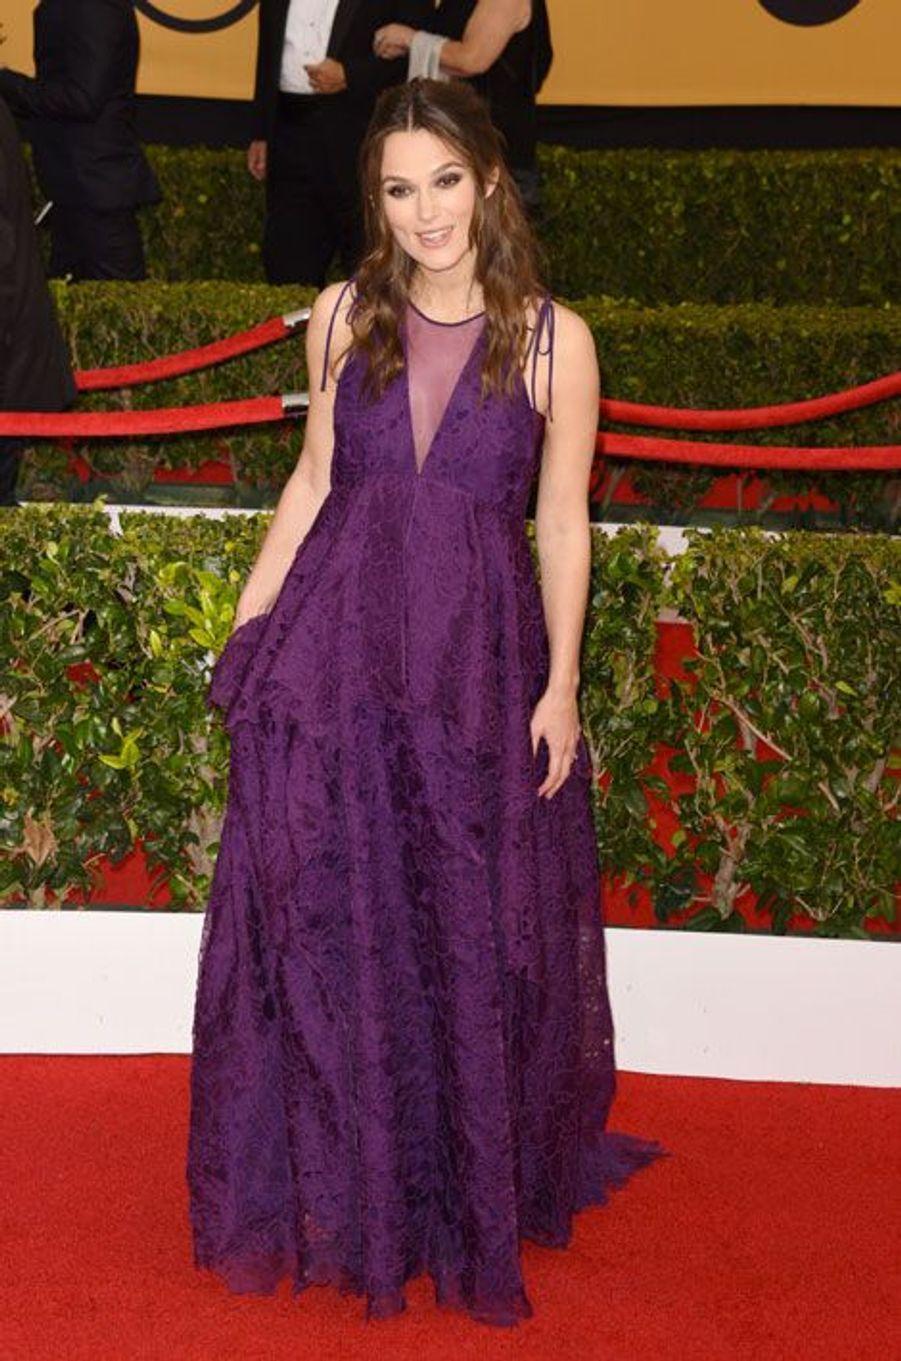 L'actrice Keira Knightley en Erdem lors de la cérémonie des Screen Actors Awards à Los Angeles, le 25 janvier 2015